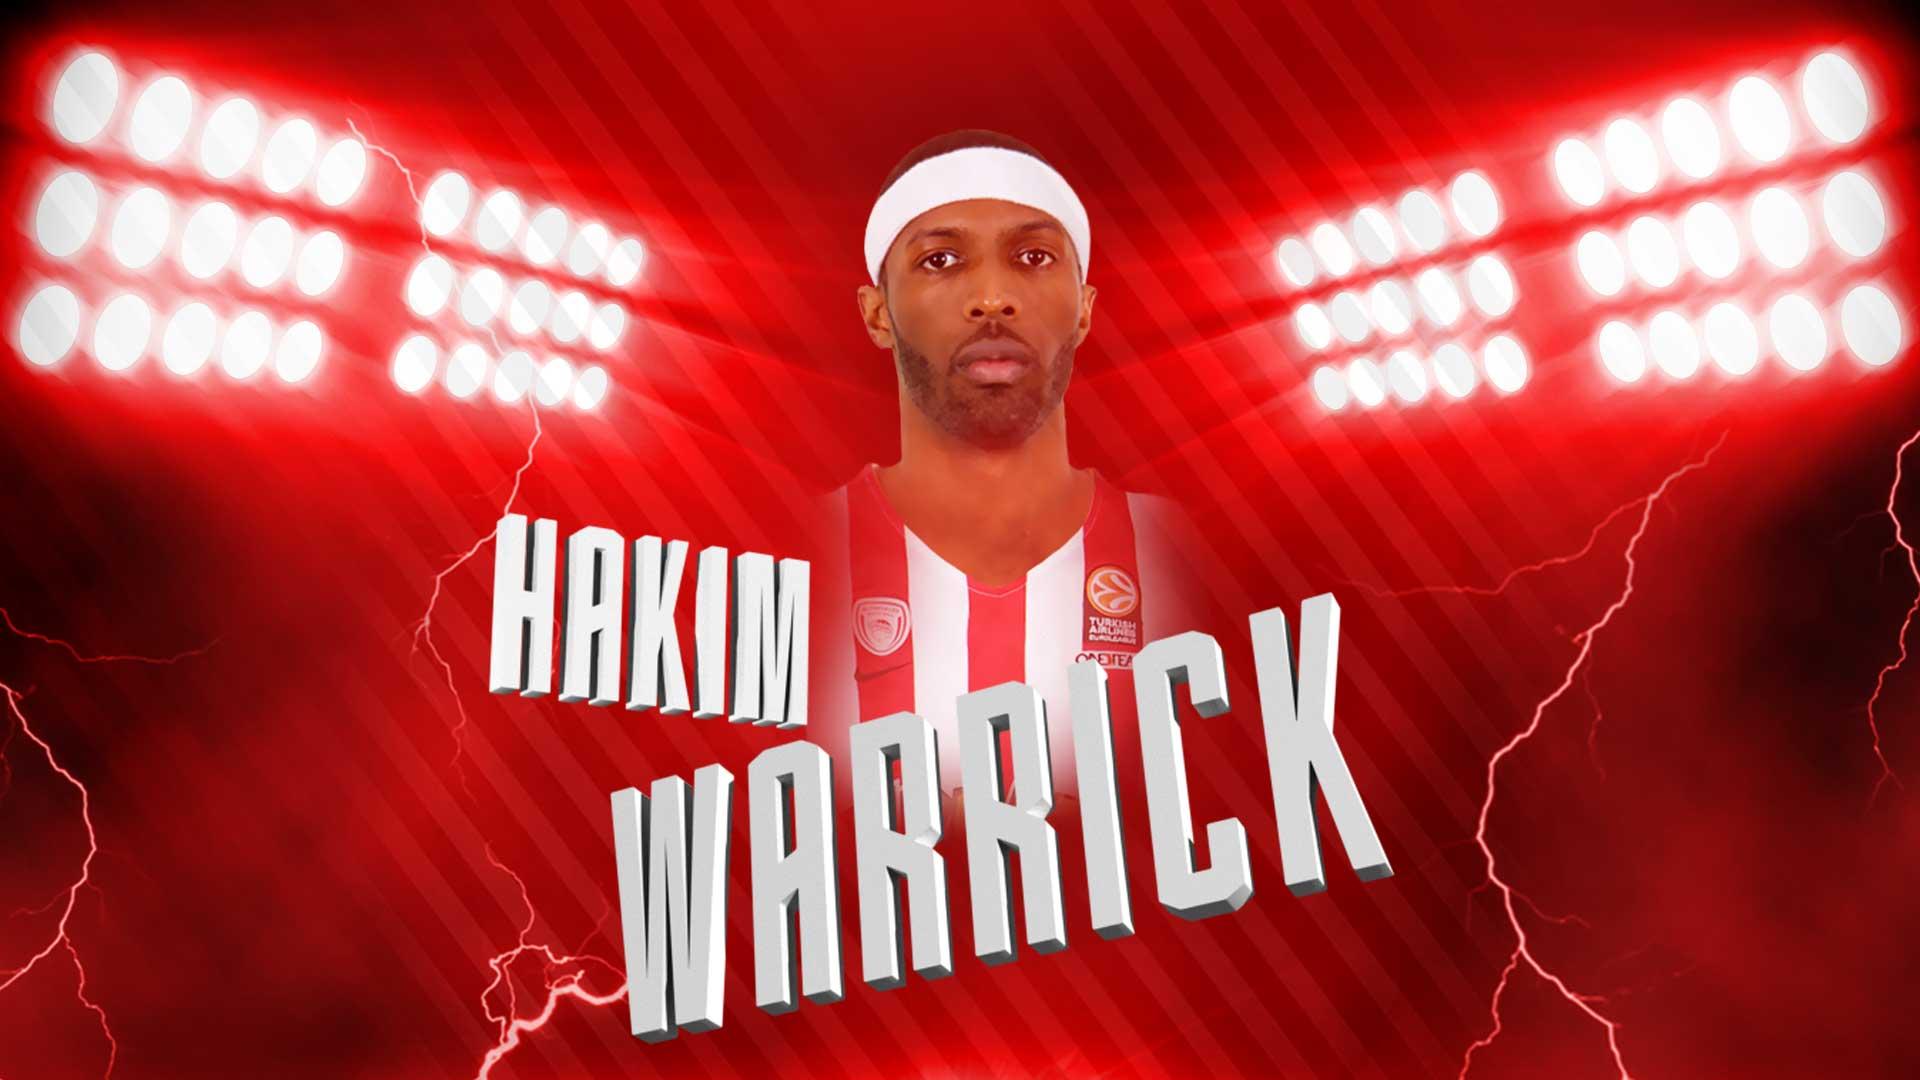 WARRICK_ANNOUNCEMENT